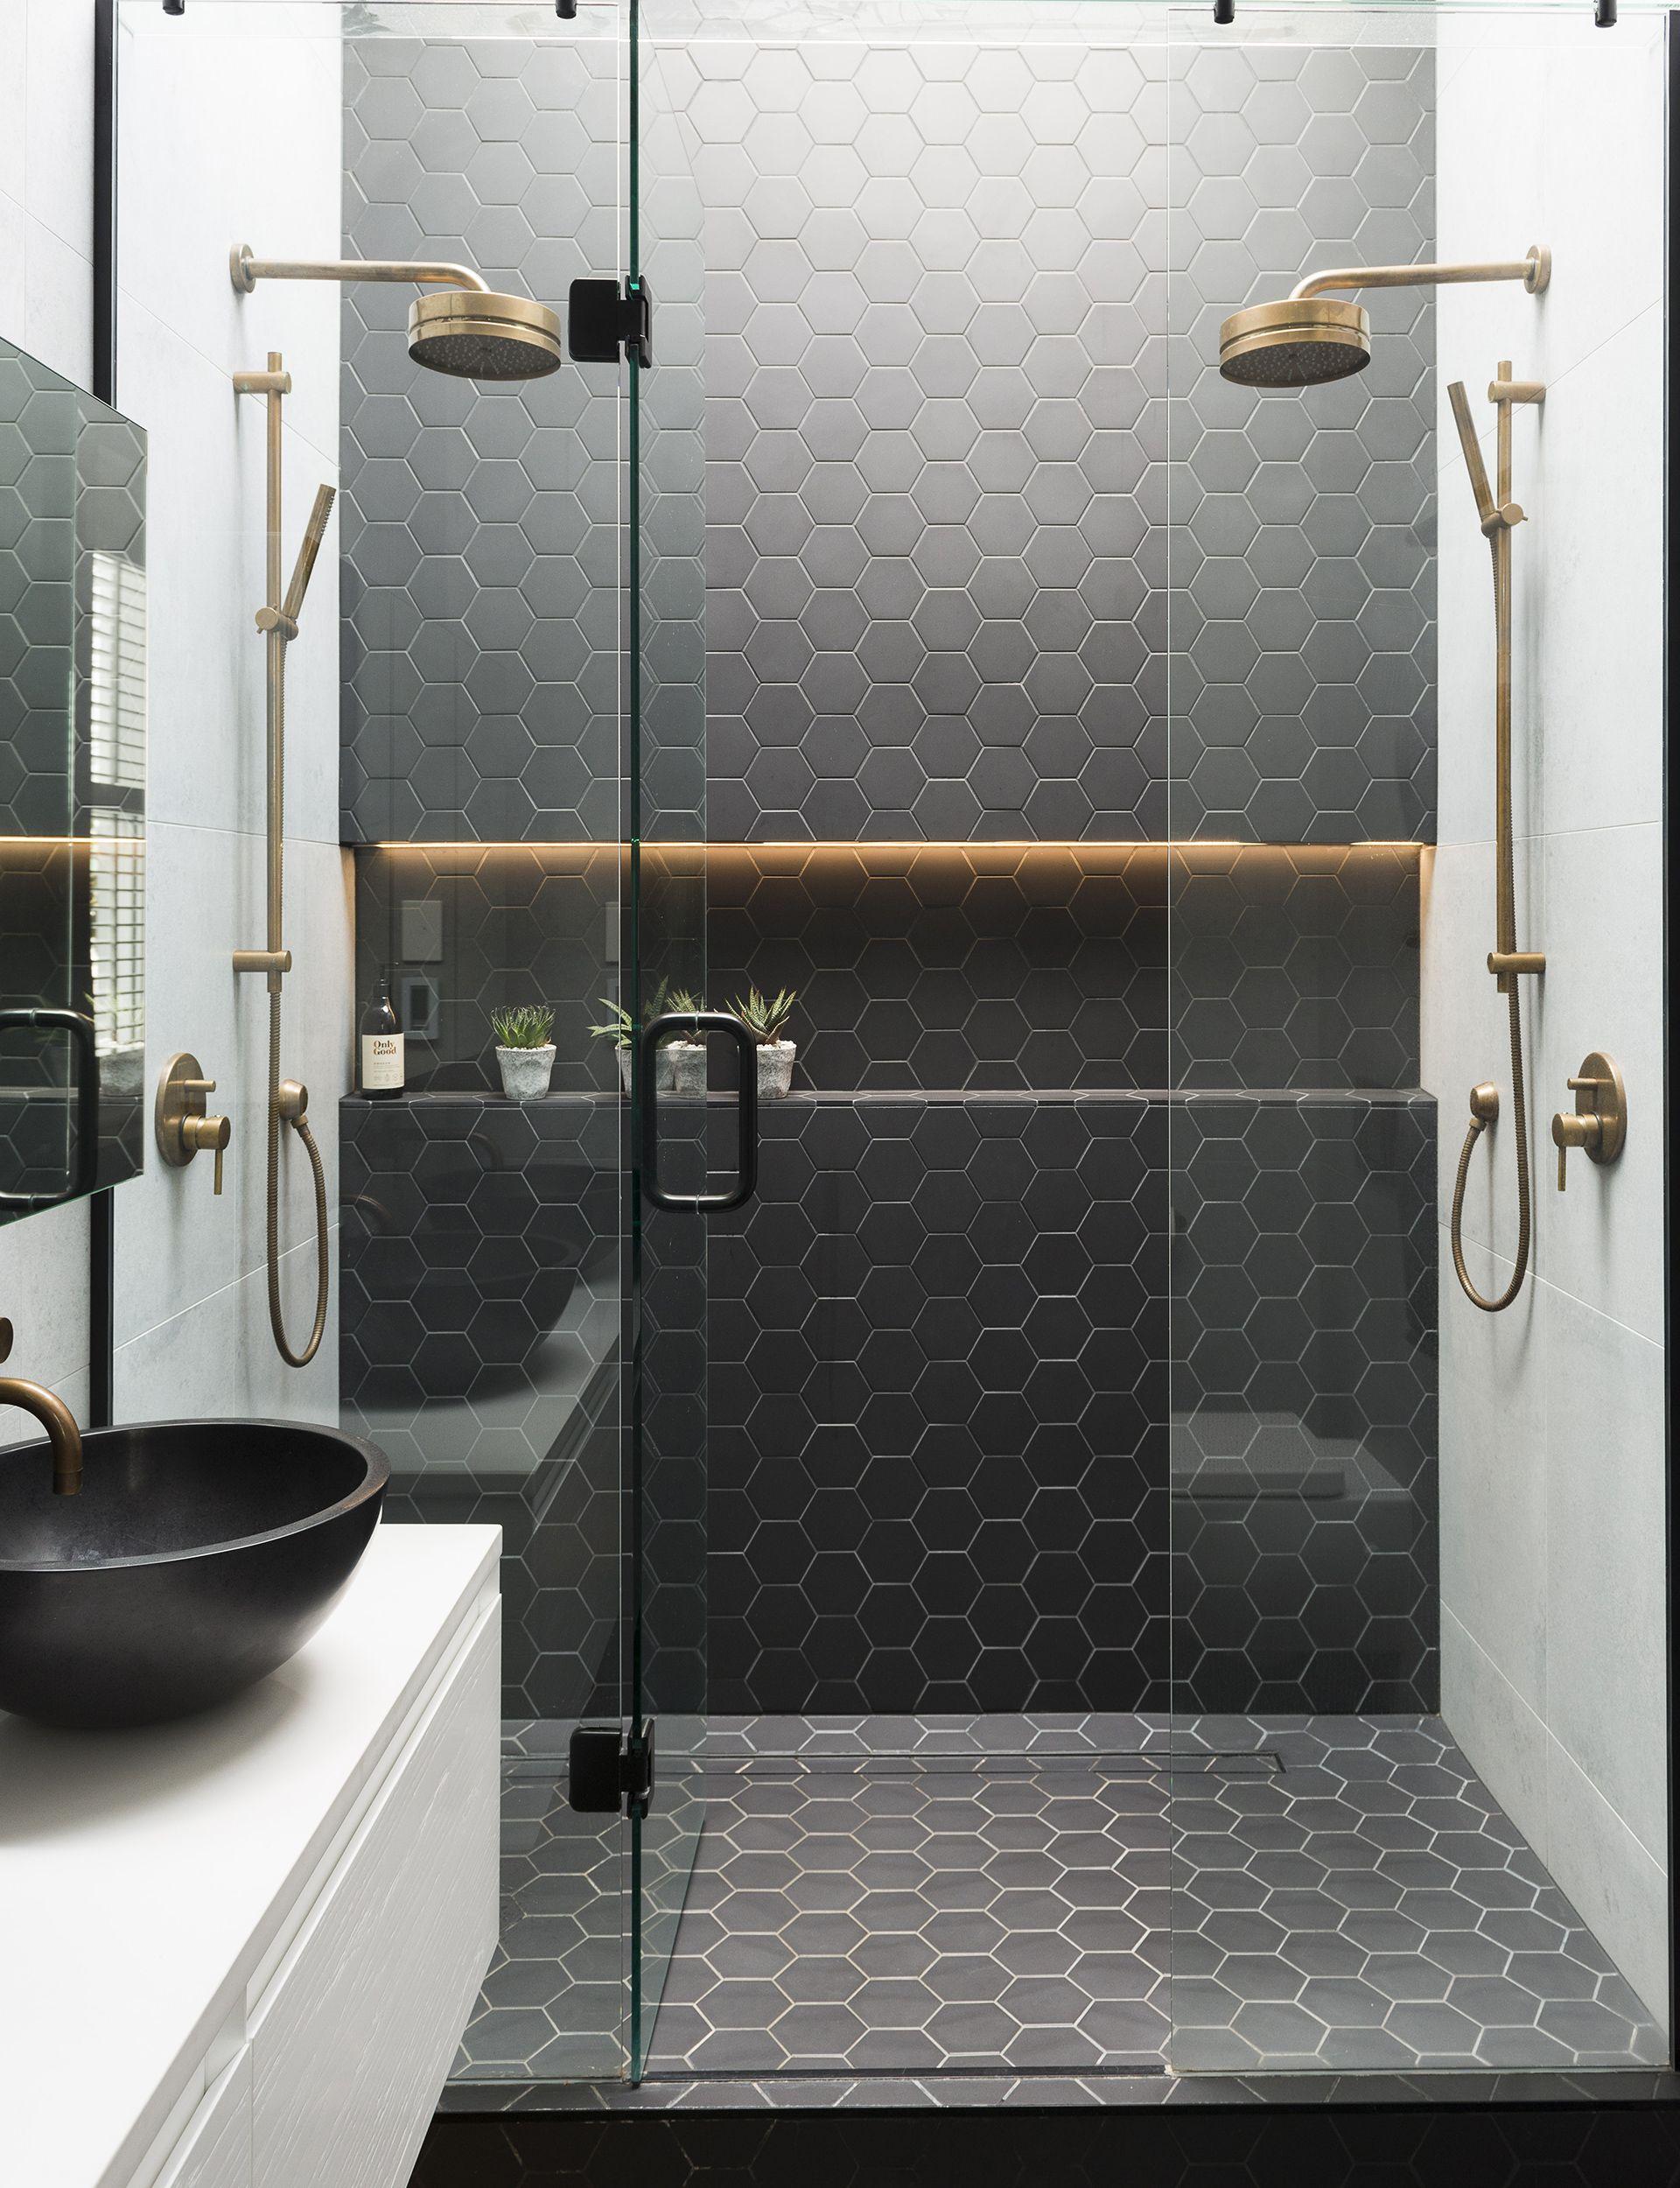 De 10 populairste badkamers van Pinterest | Villas, Fireplace set ...